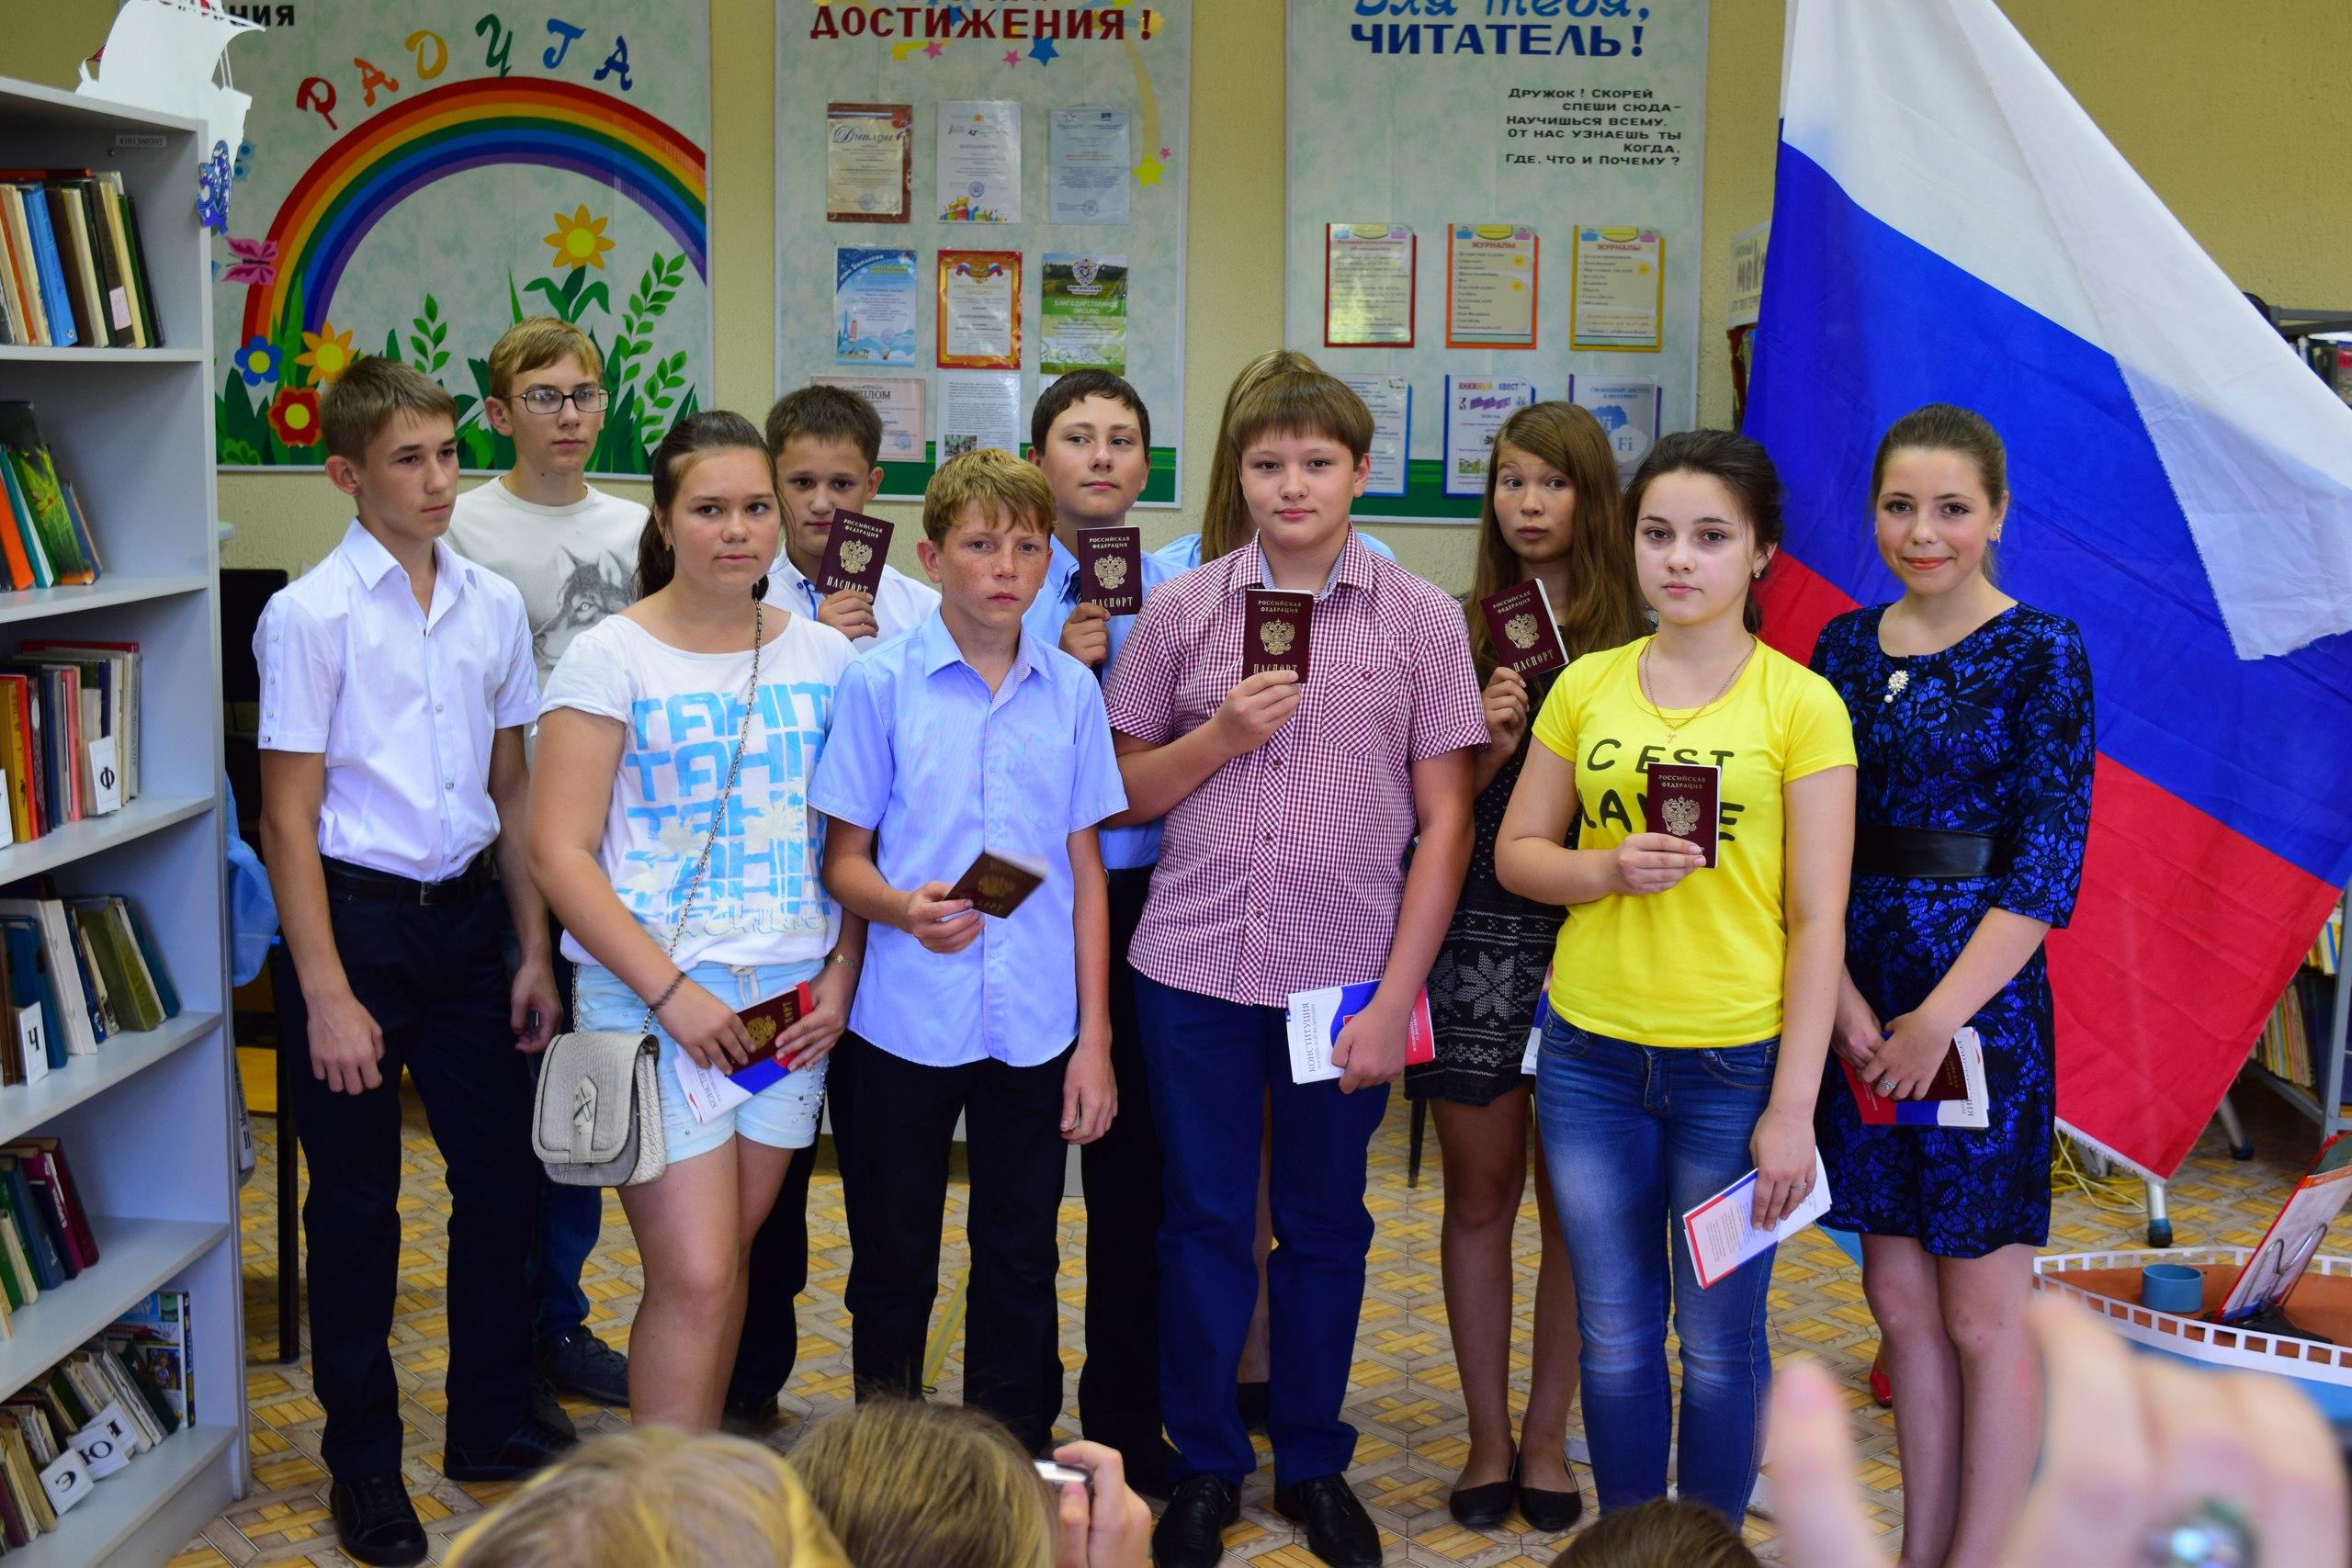 Вручение паспортов в рамках празднования Дня Государственного флага Российской Федерации.